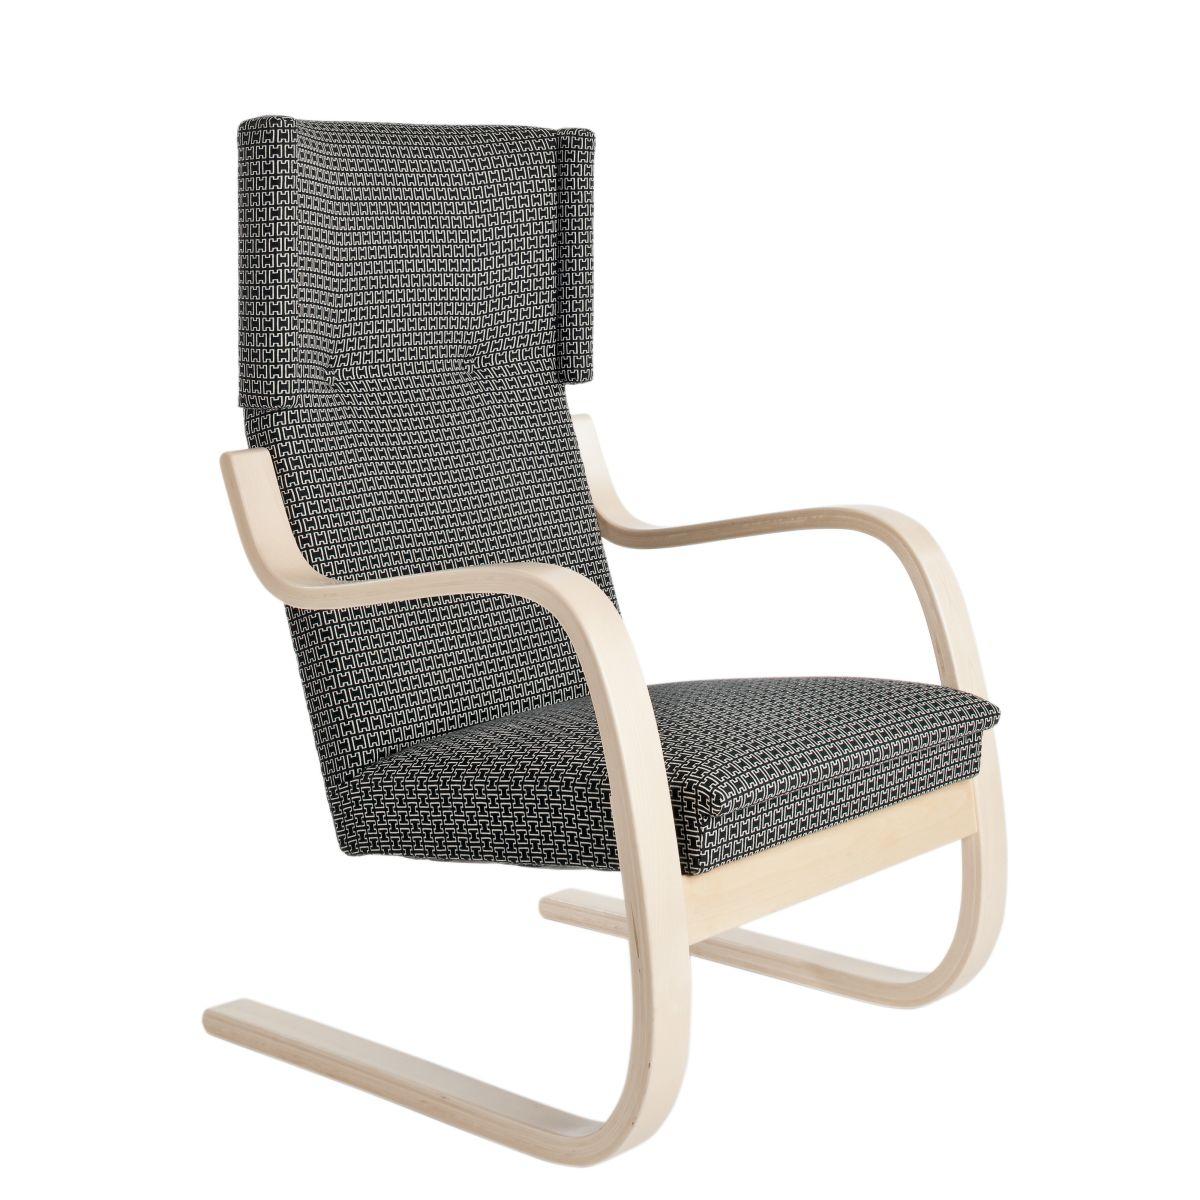 Armchair-401-H55-1842441